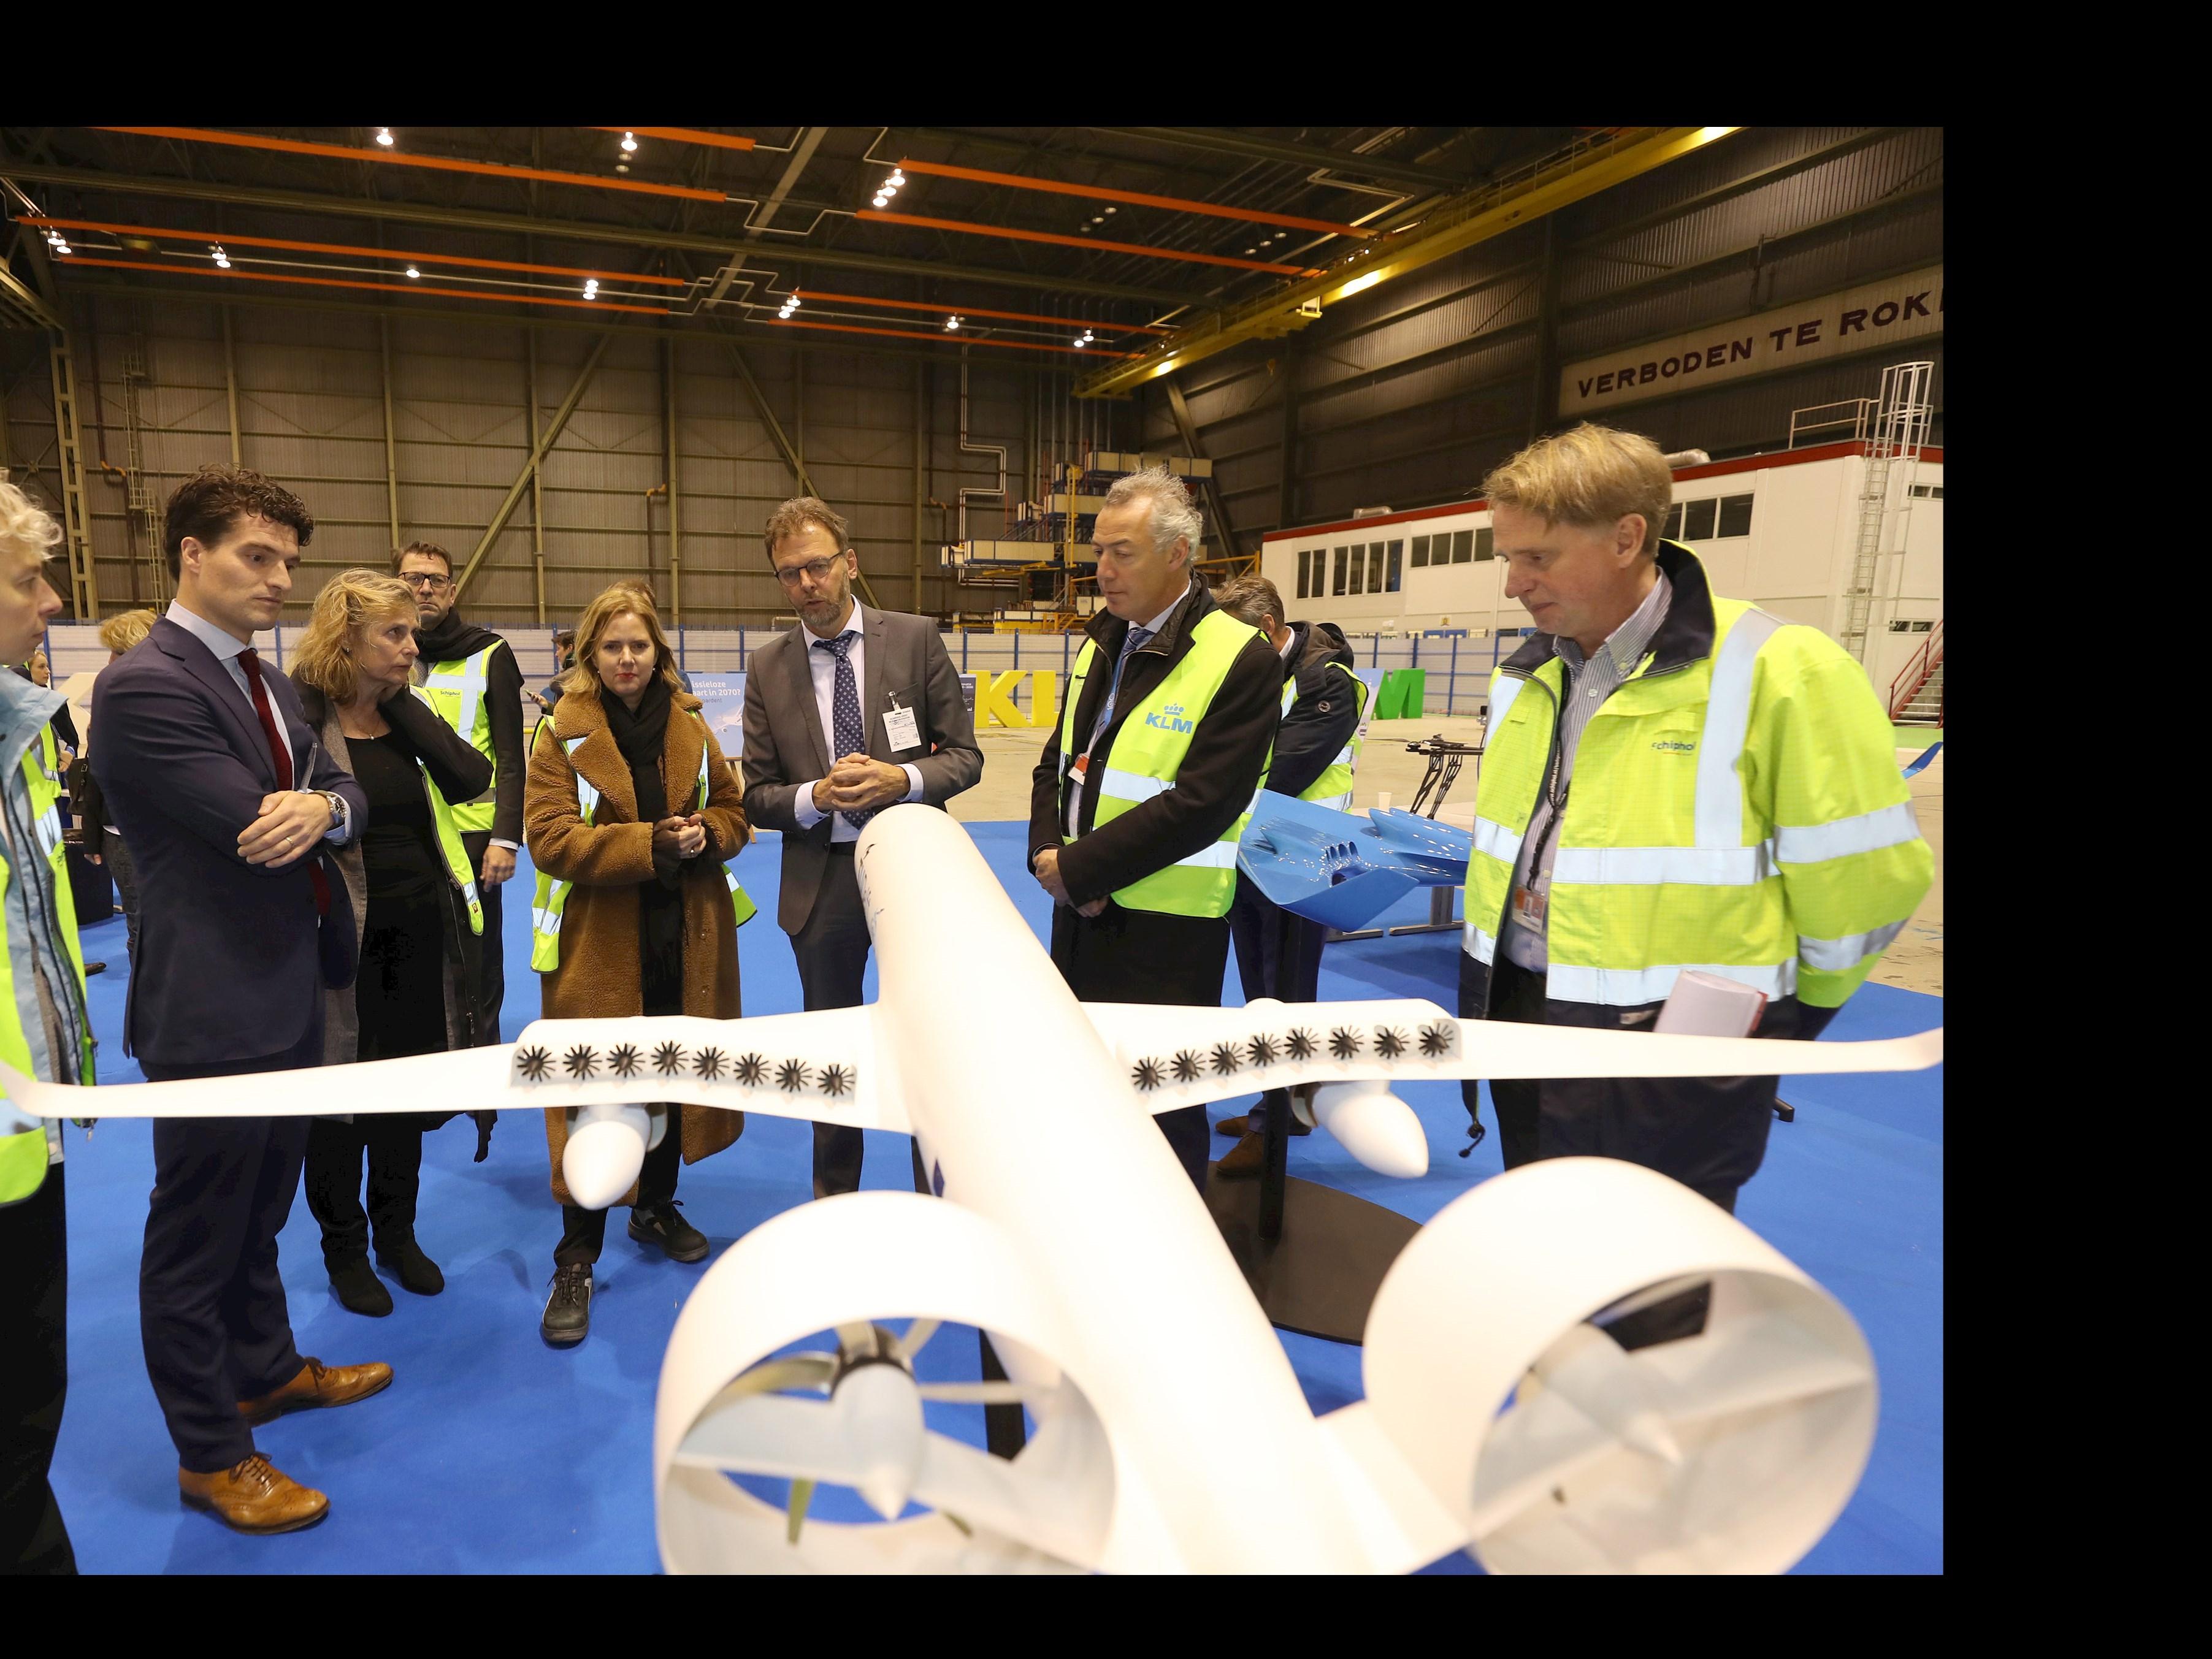 Koninklijke NLR & TUD lanceren vandaag het whitepaper, de weg naar klimaatneutrale luchtvaart 2050